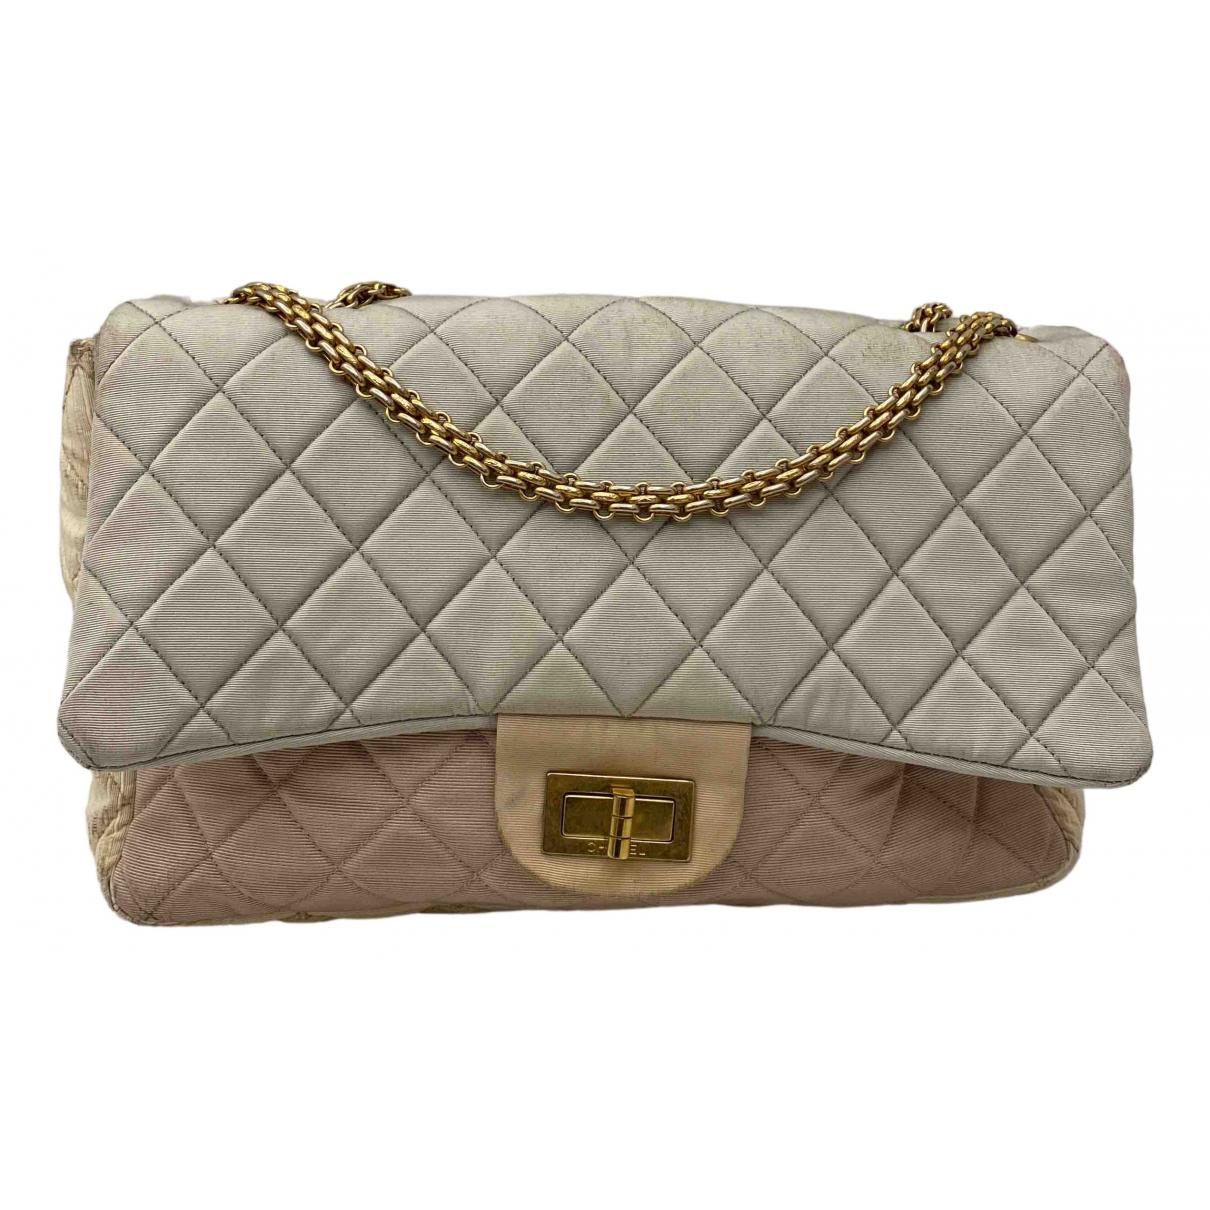 Bolso  2.55 de Lona Chanel